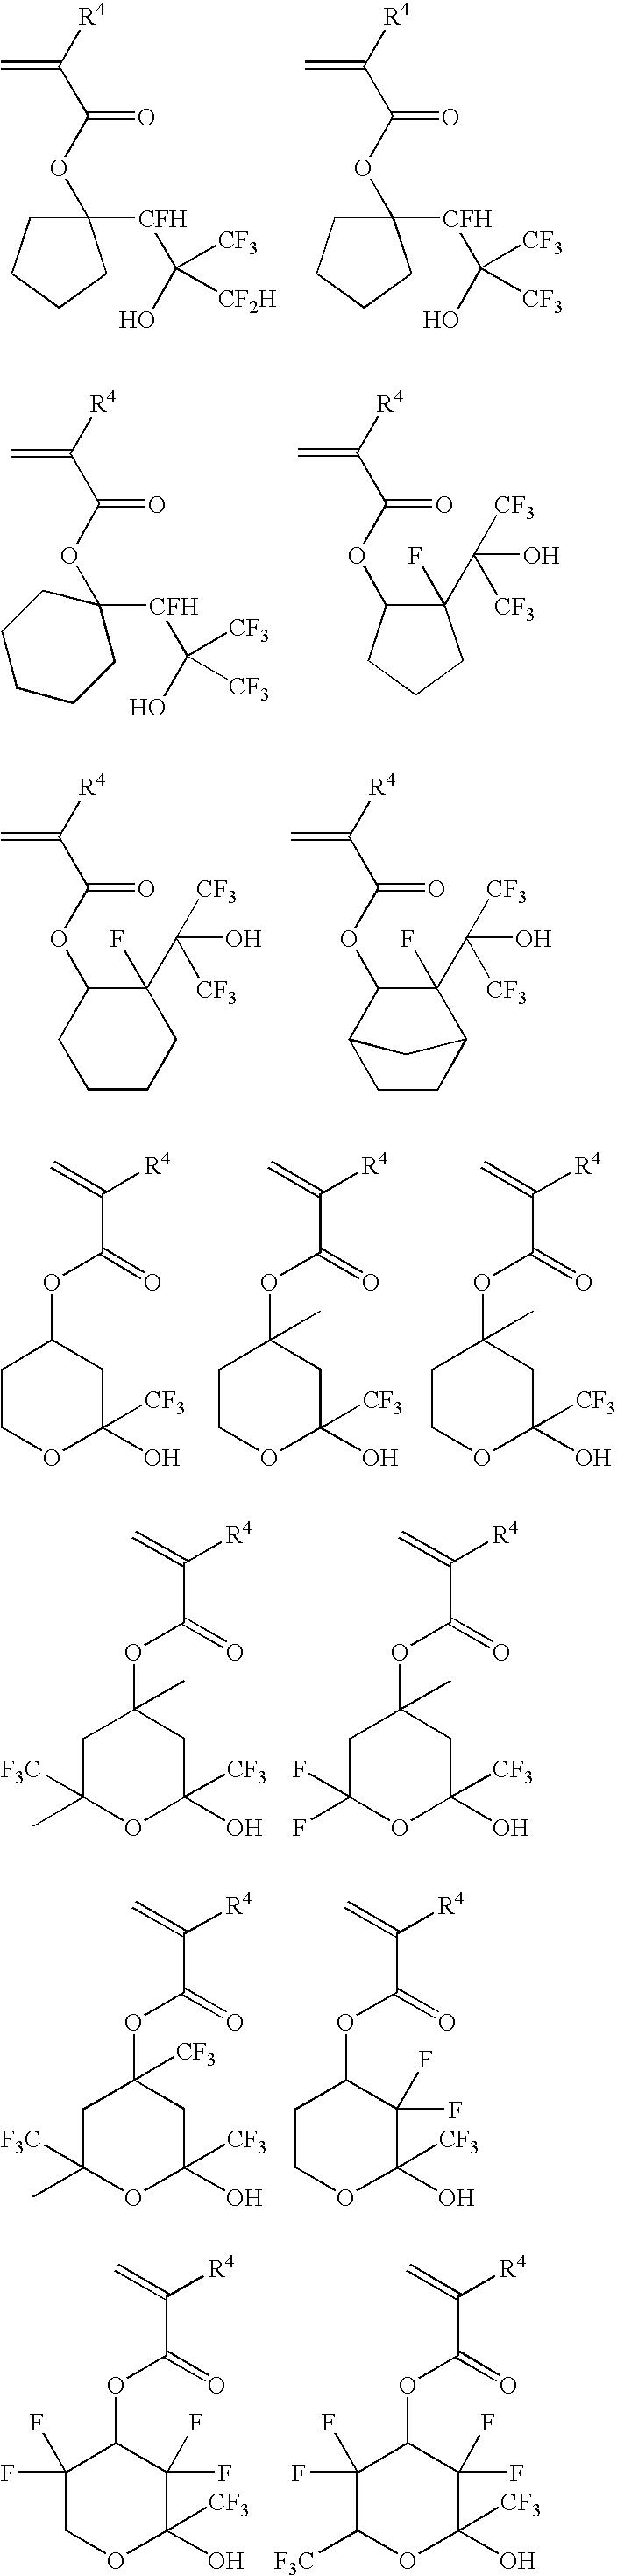 Figure US20090011365A1-20090108-C00010